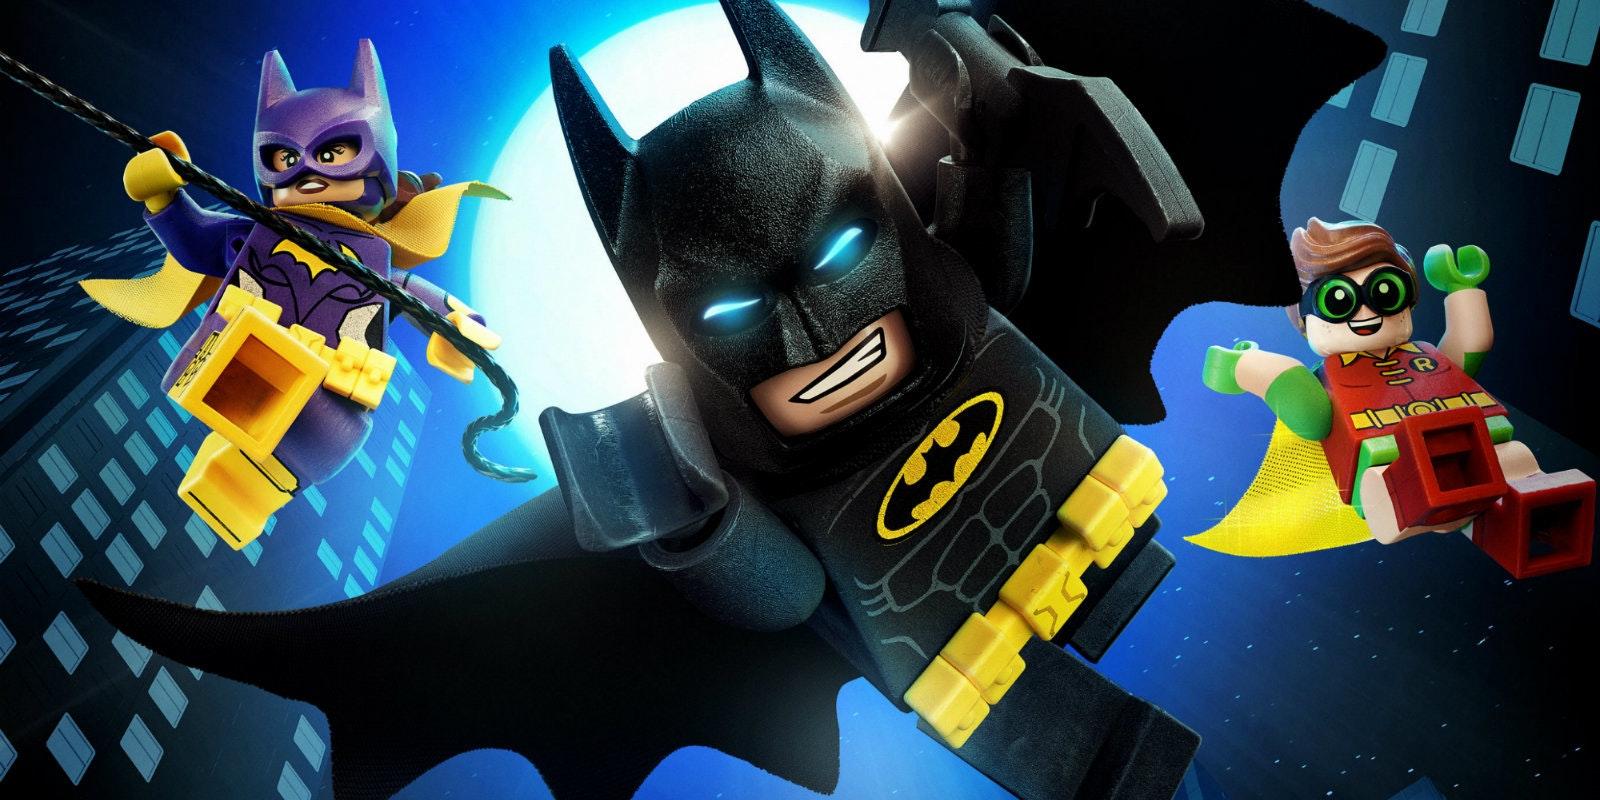 Review lego batman la pel cula modogeeks for Videos de lego batman